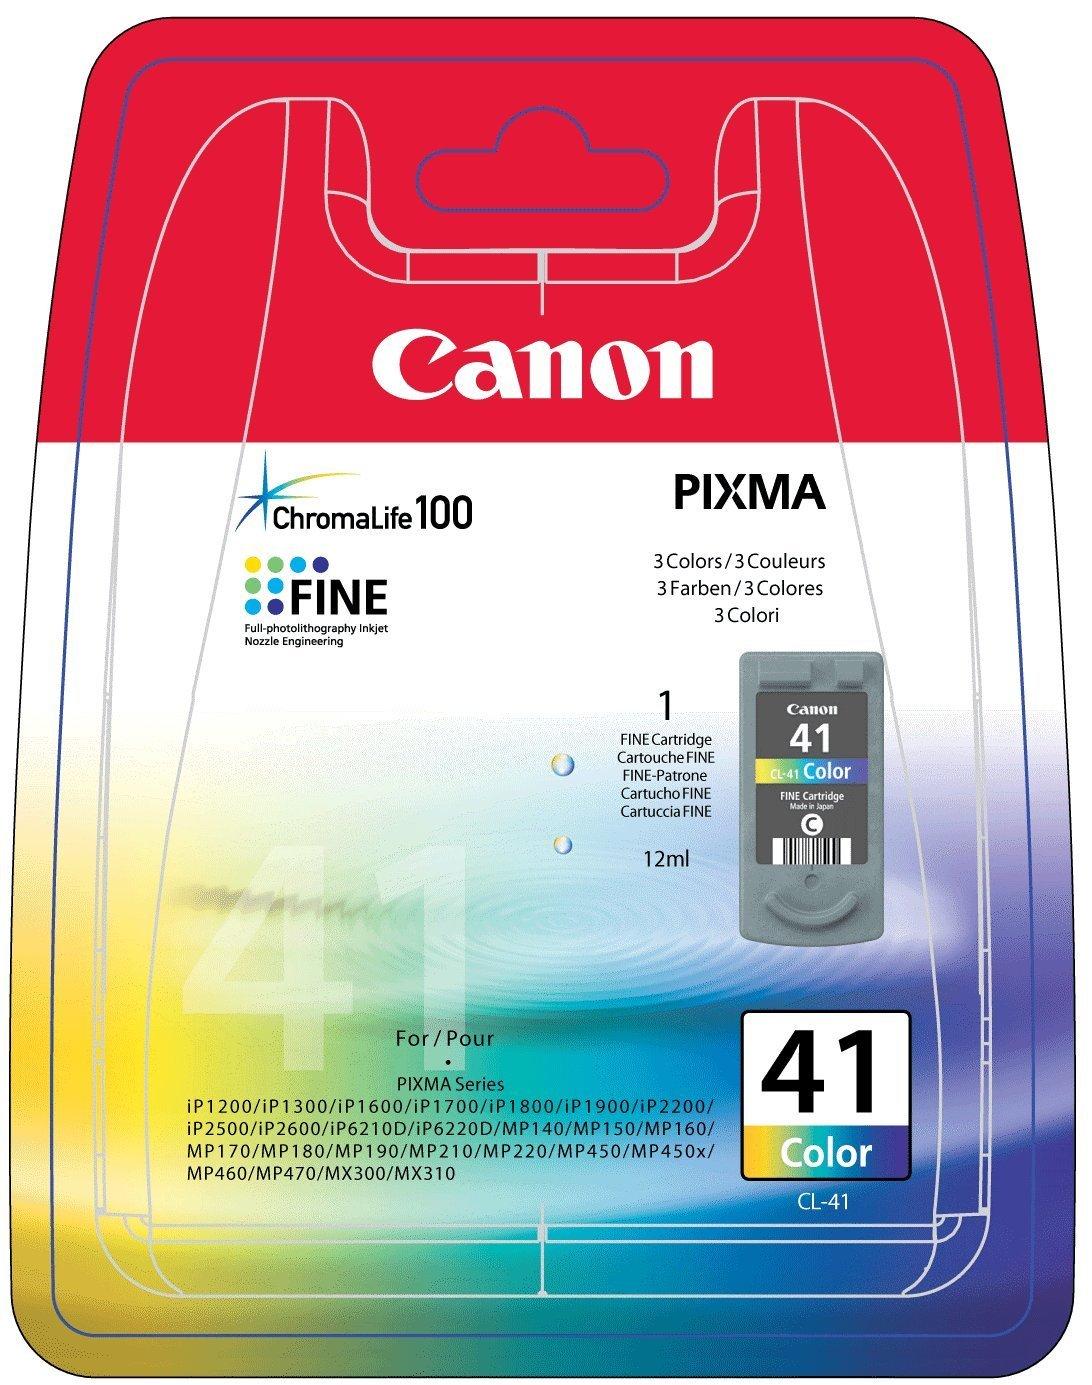 Vorschau: Original Canon CL-41 für PIXMA iP1600 2200 MP450 color